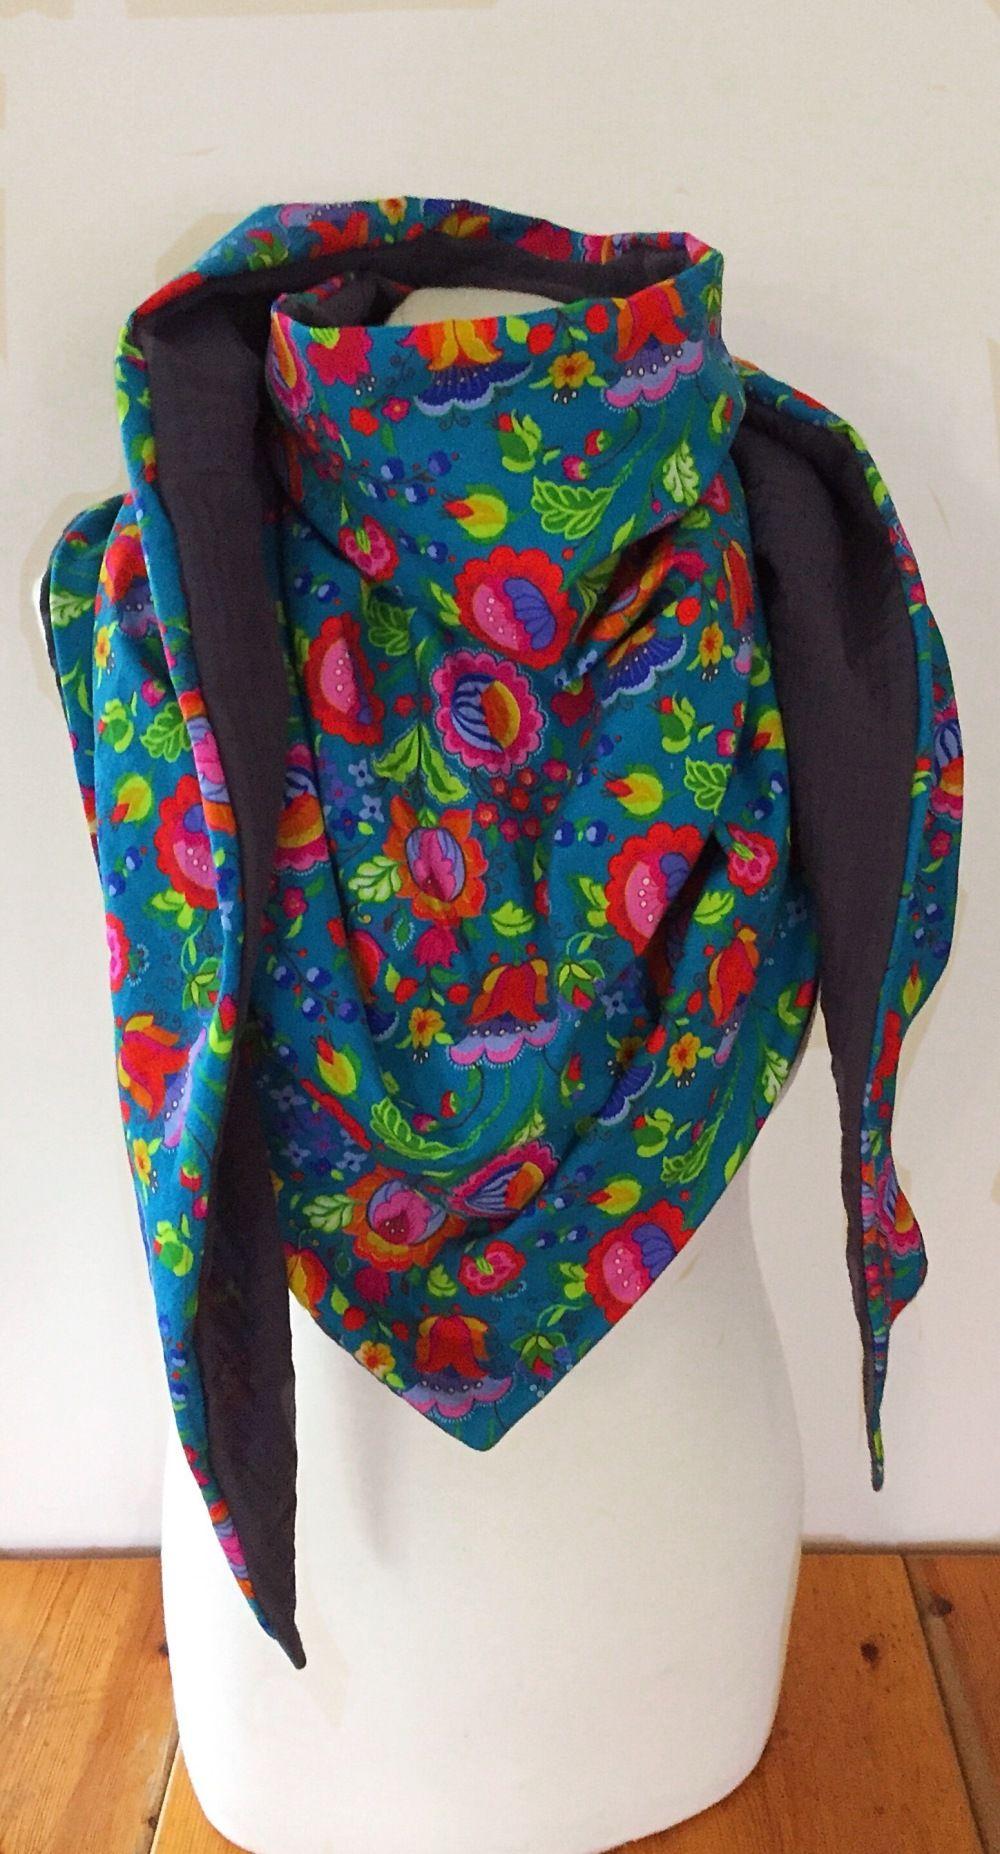 Maxi chèche multicolore à fleurs, grand foulard coloré femme ... e6d9e198bc4